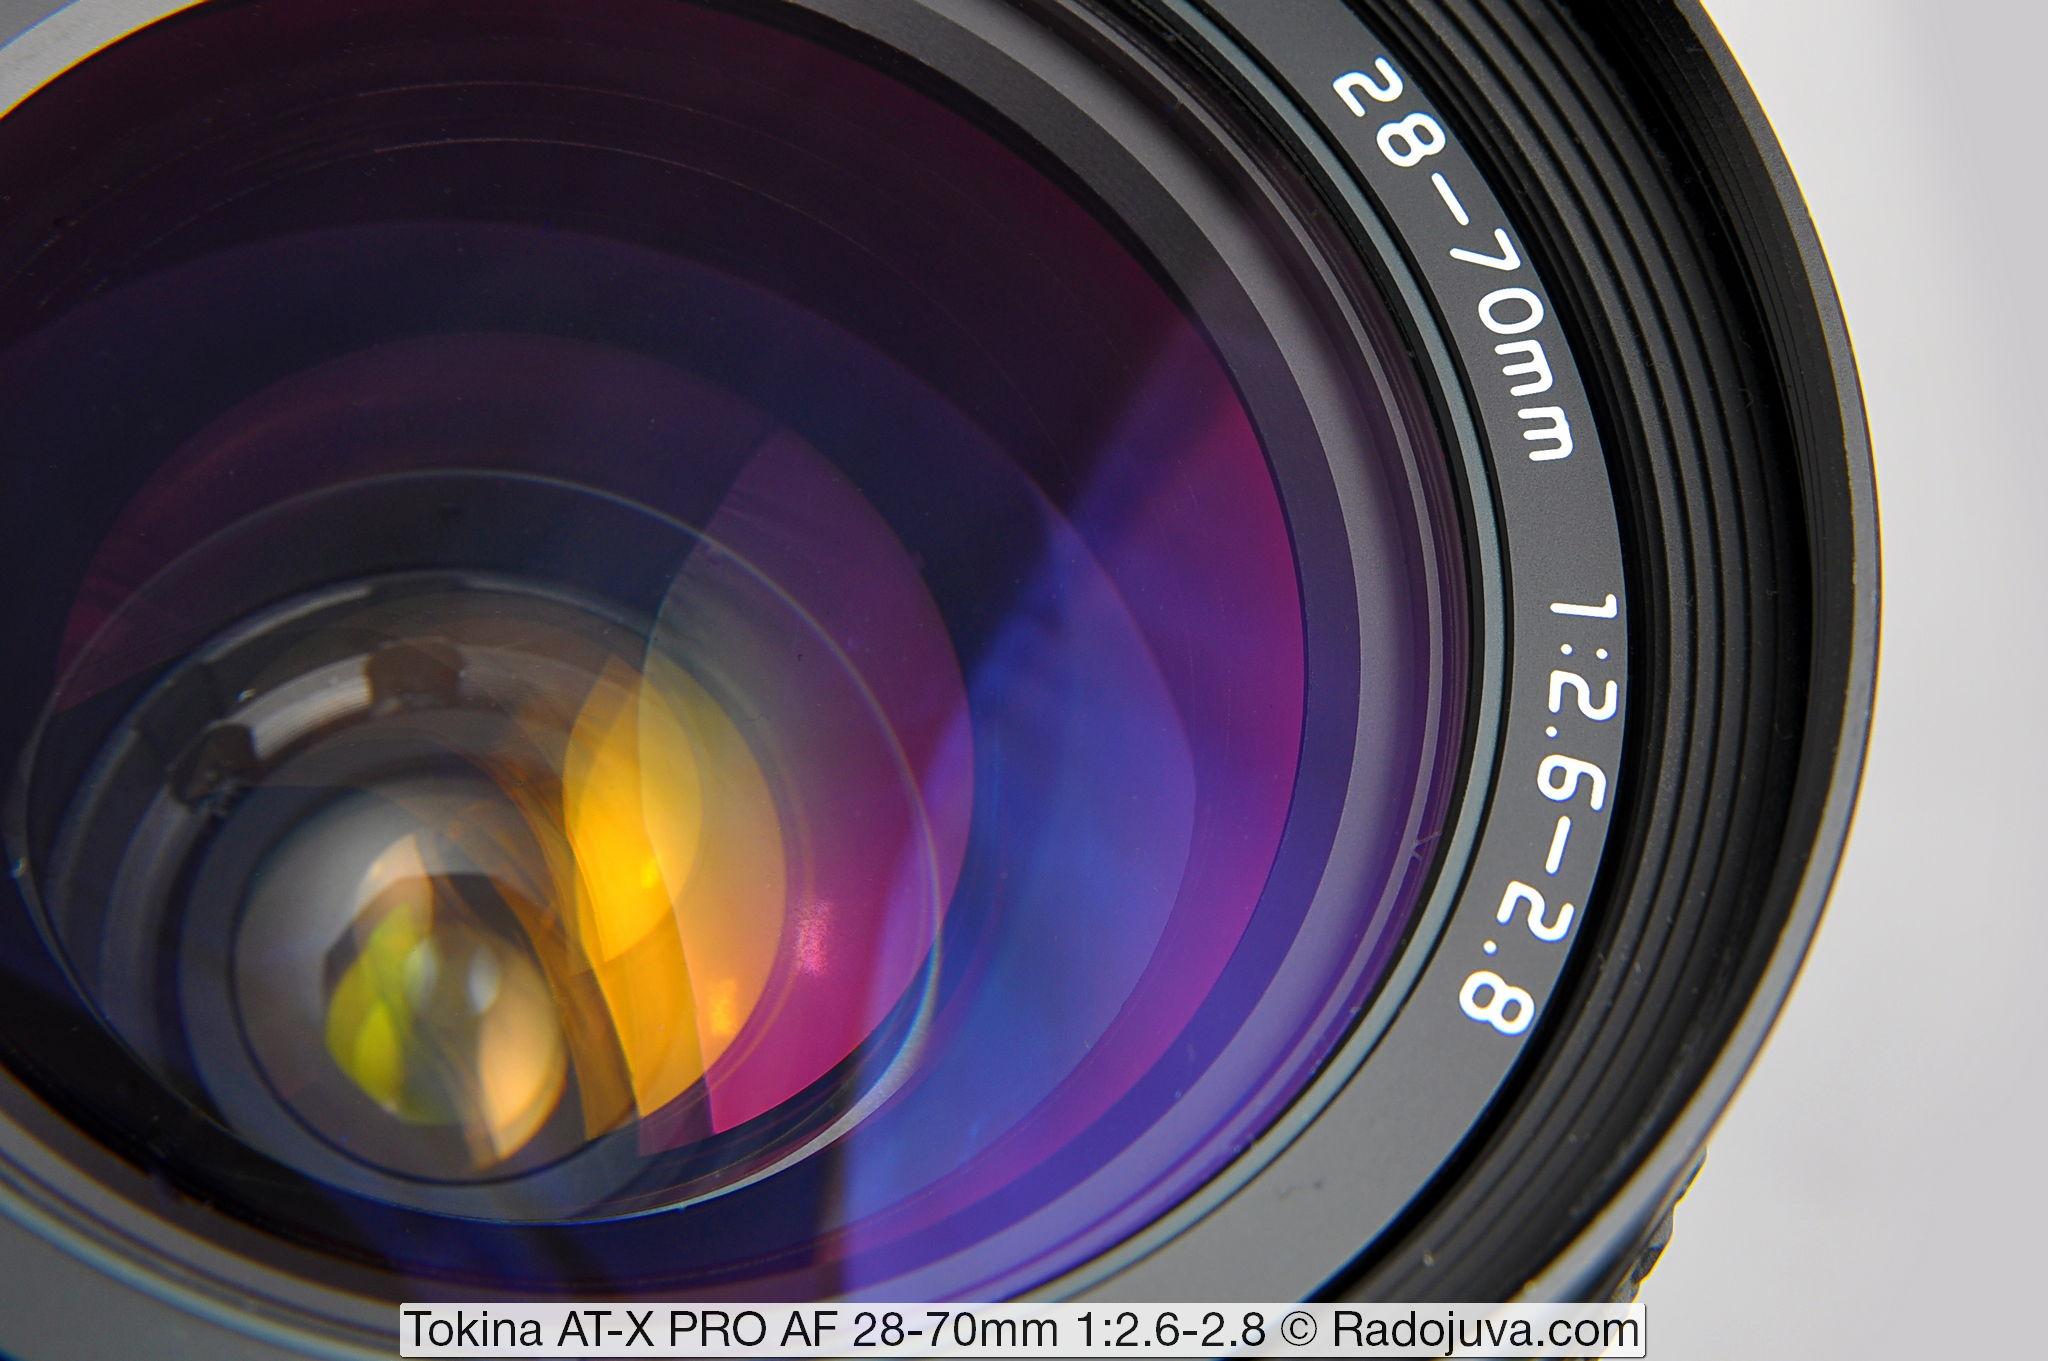 Tokina AT-X PRO AF 28-70mm 1:2.6-2.8 (Tokina AT-X 270 AF PRO)